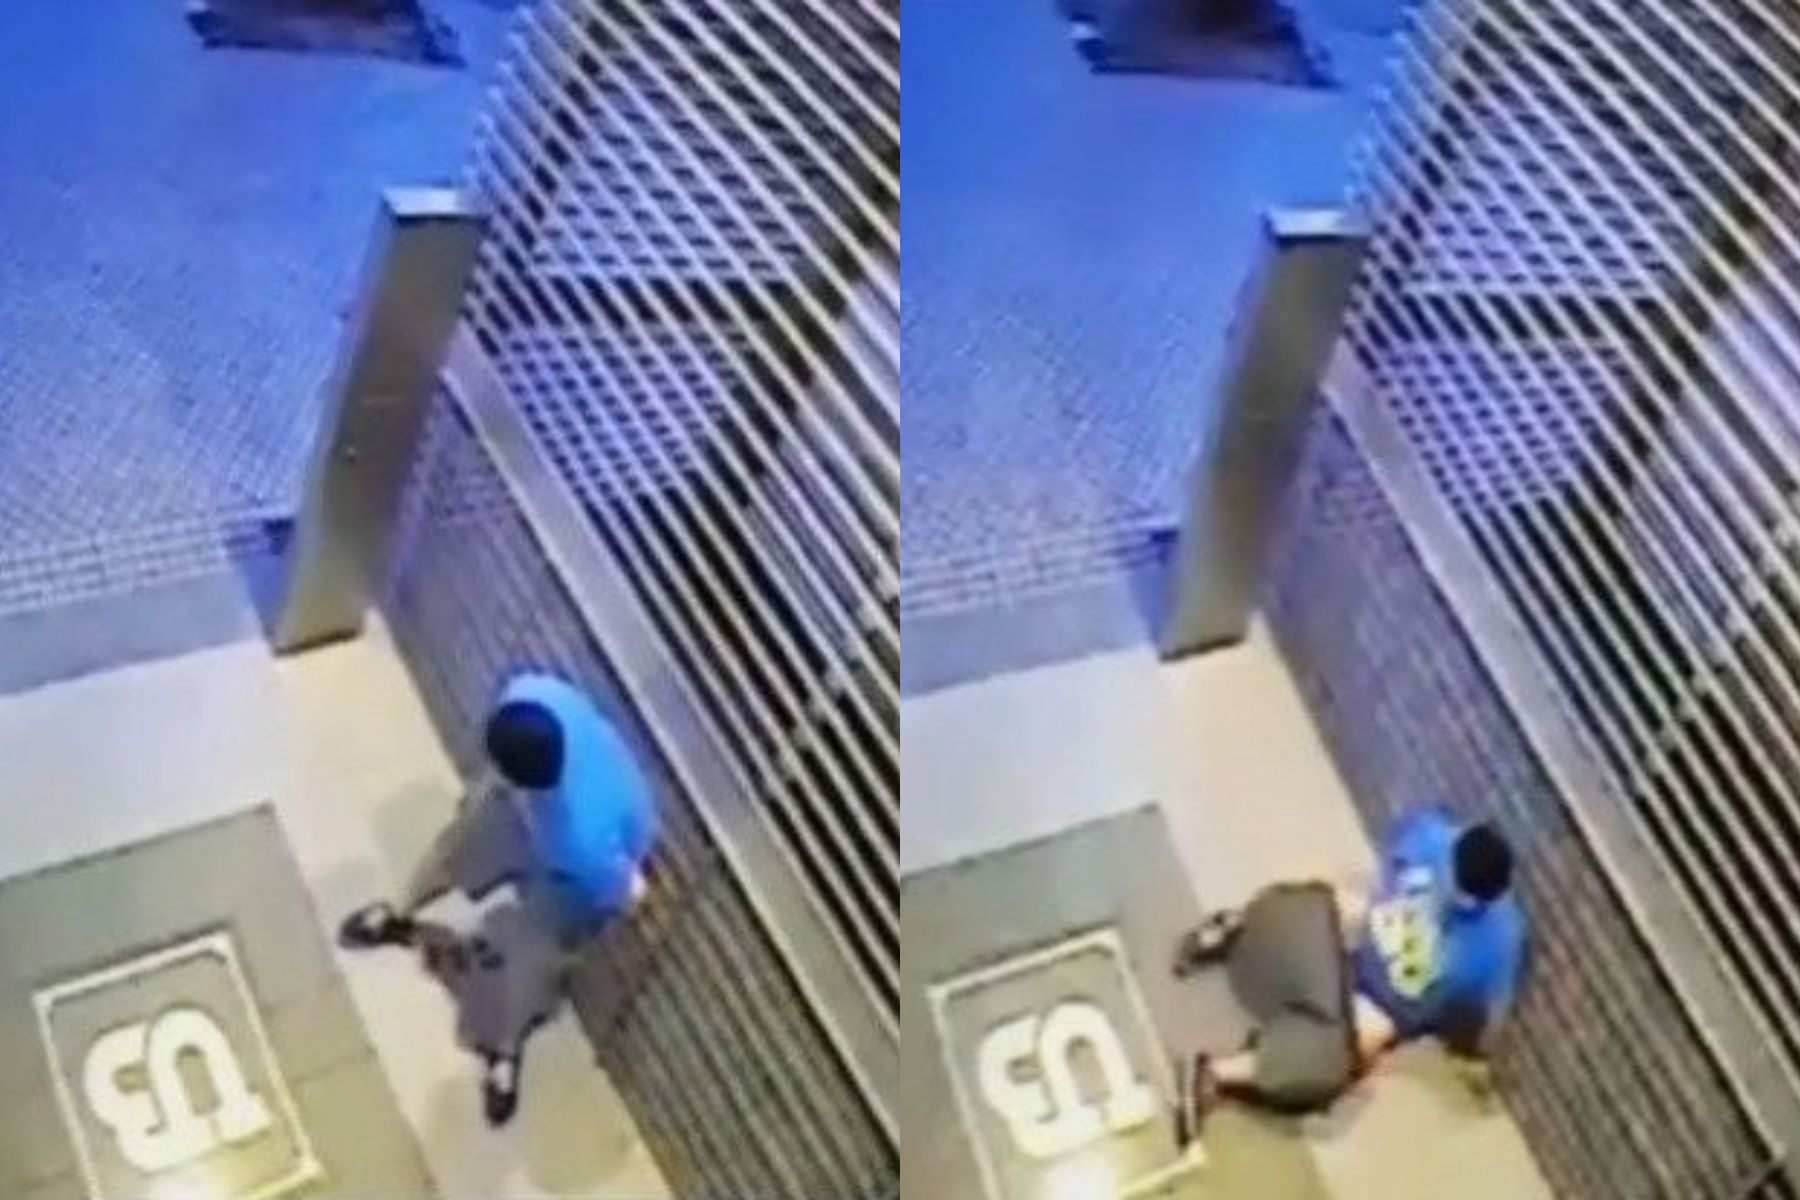 ¡Huele mal! Defecó en la puerta de un edificio, se resbaló y cayó sobre su propia materia fecal